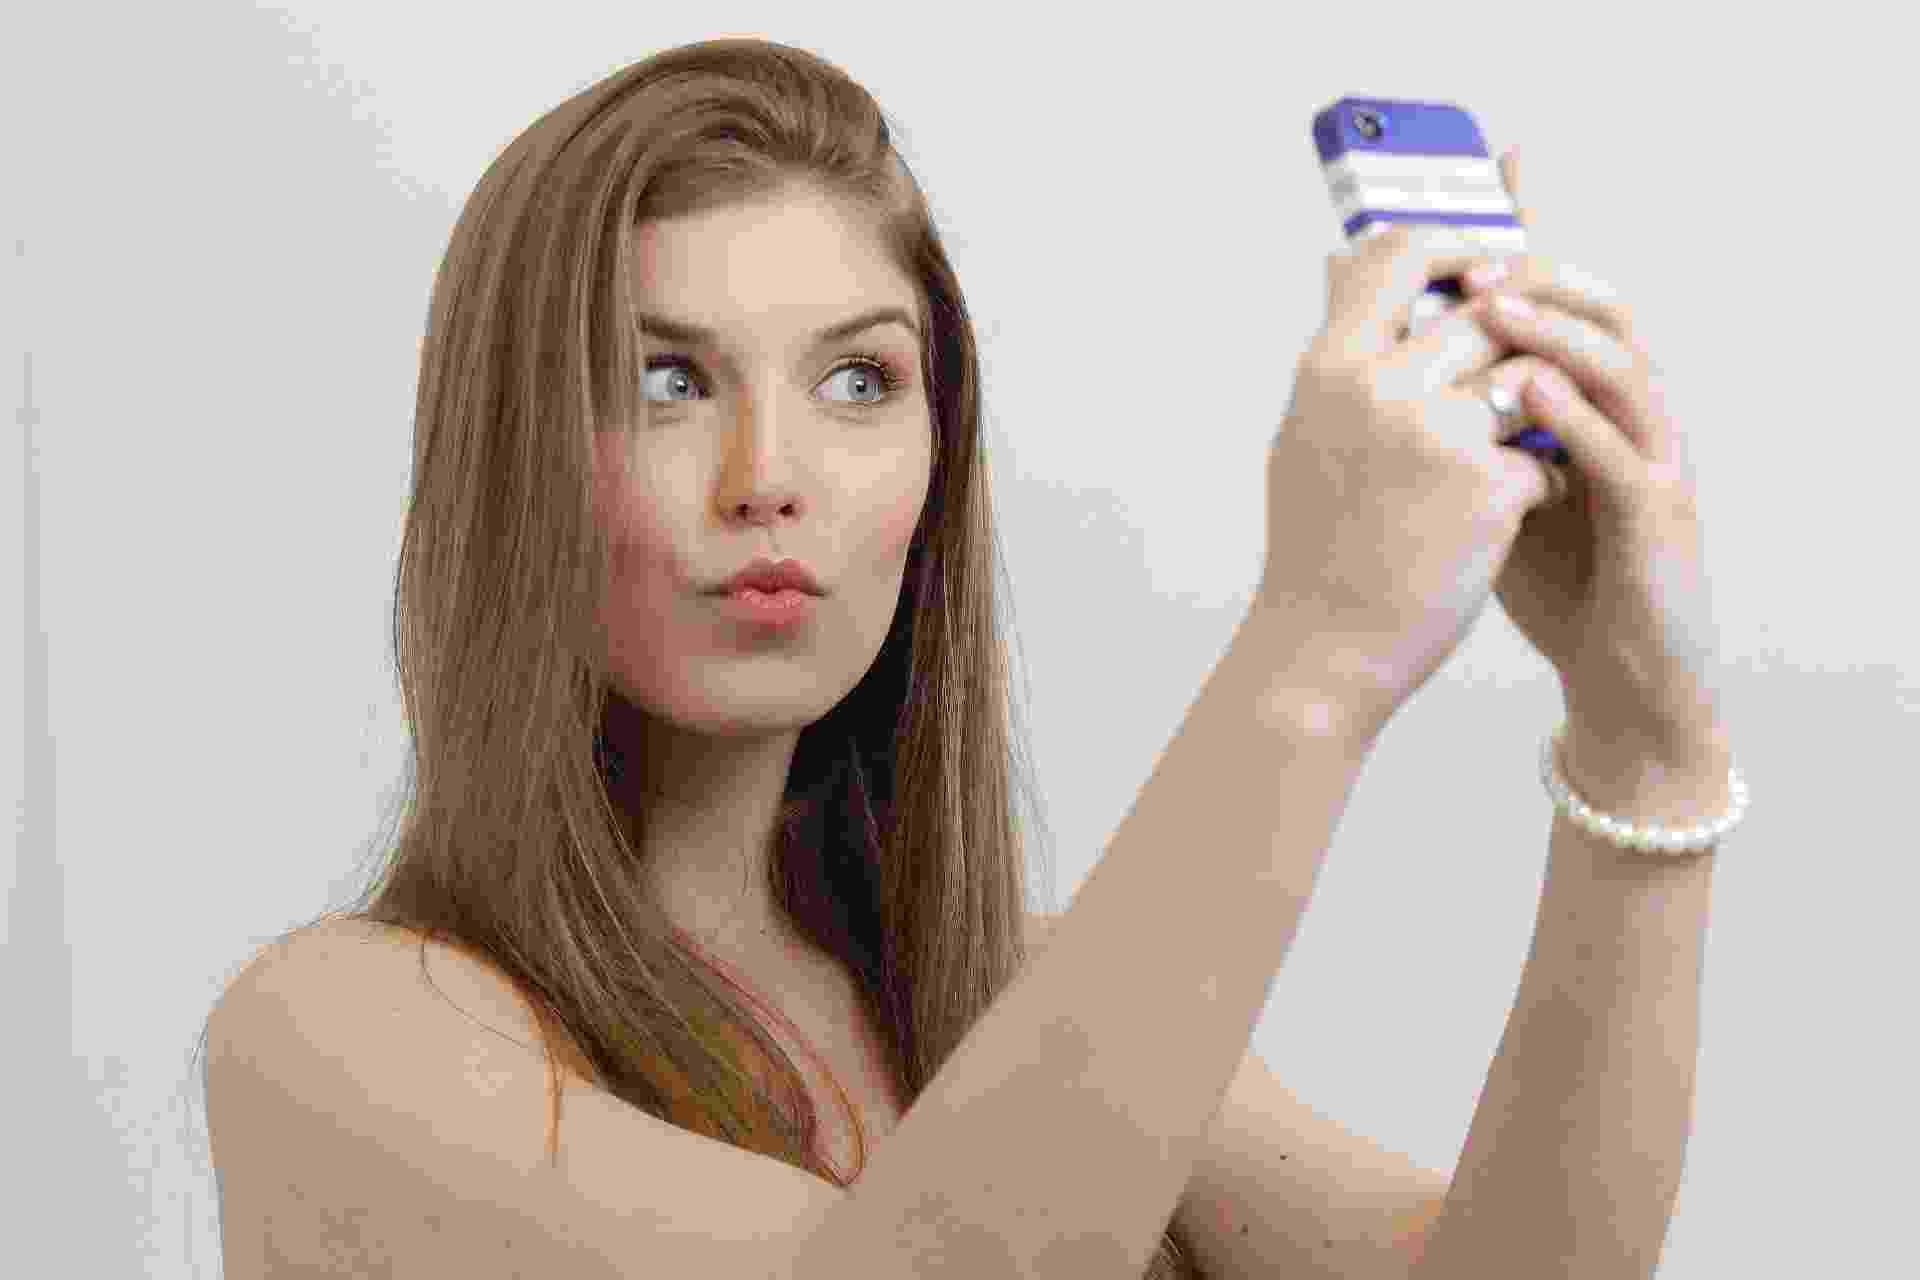 Maquiagem para selfie - 14 - Reinaldo Canato/UOL